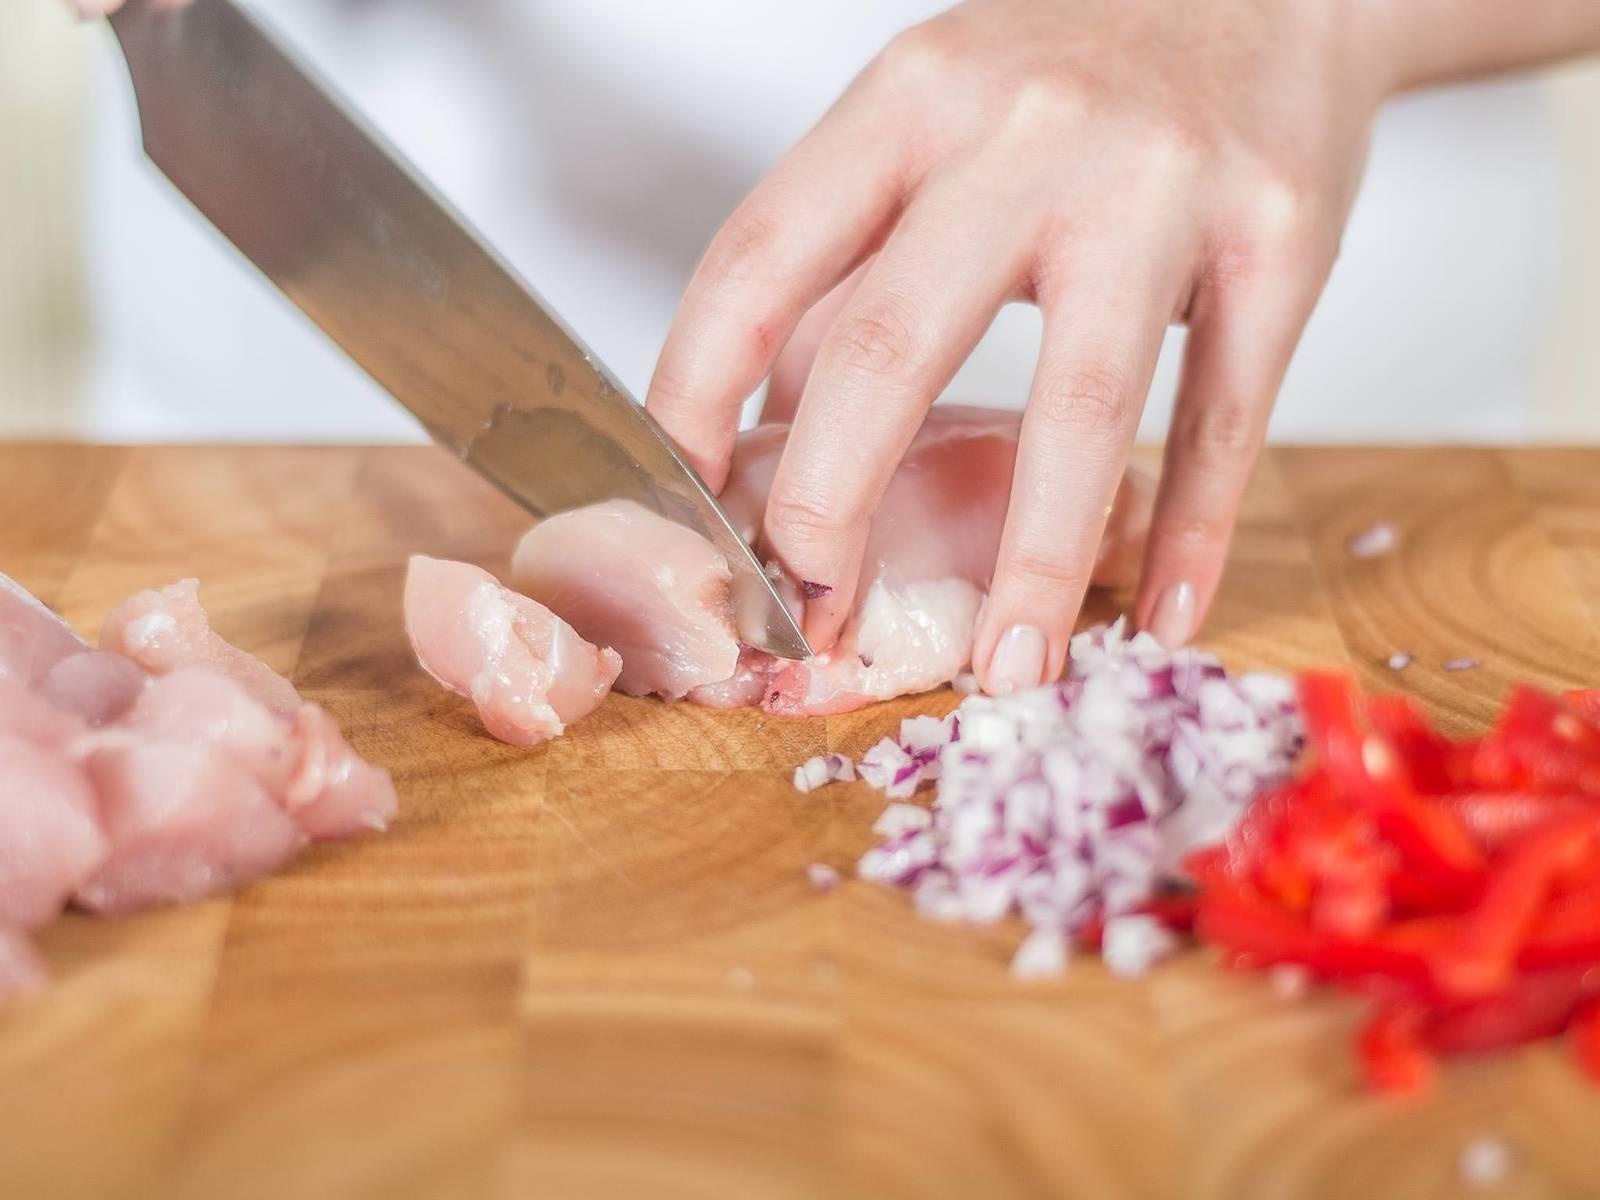 Ingwer hacken, Zwiebel fein würfeln und Paprika in Streifen schneiden. Hähnchenbrust in mundgerechte Würfel schneiden.